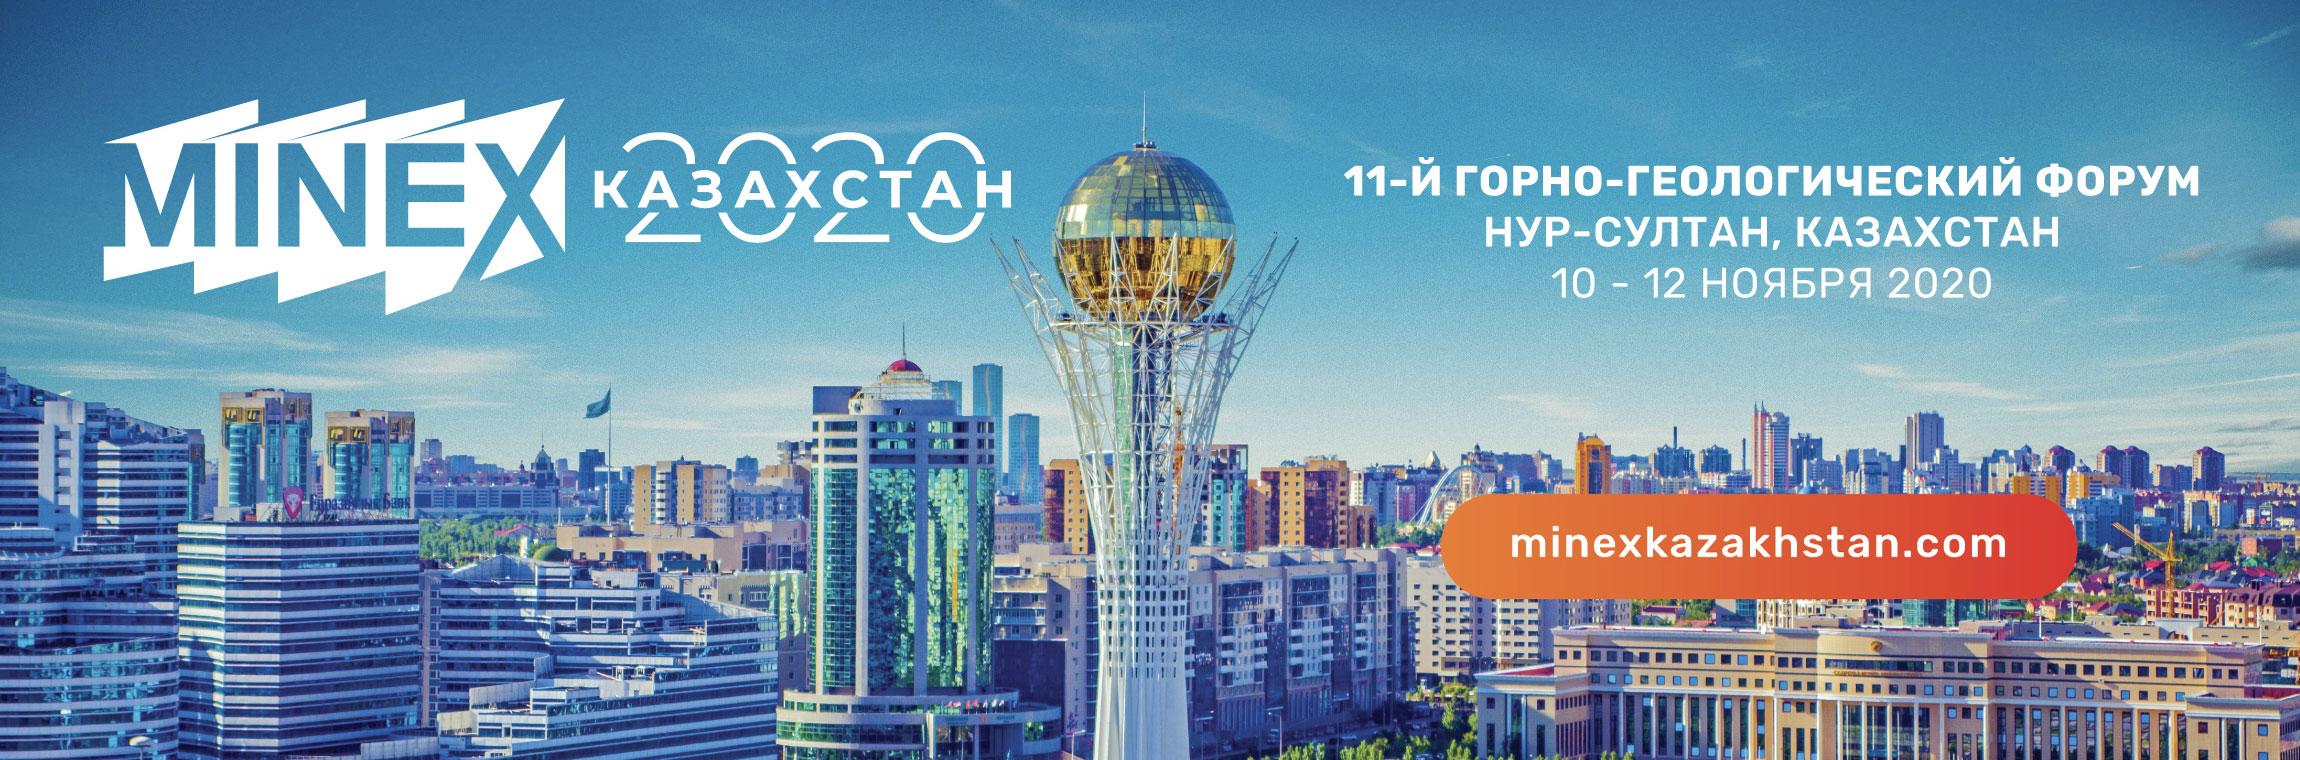 forum-majneks-2020-v-kazahstane-header-9